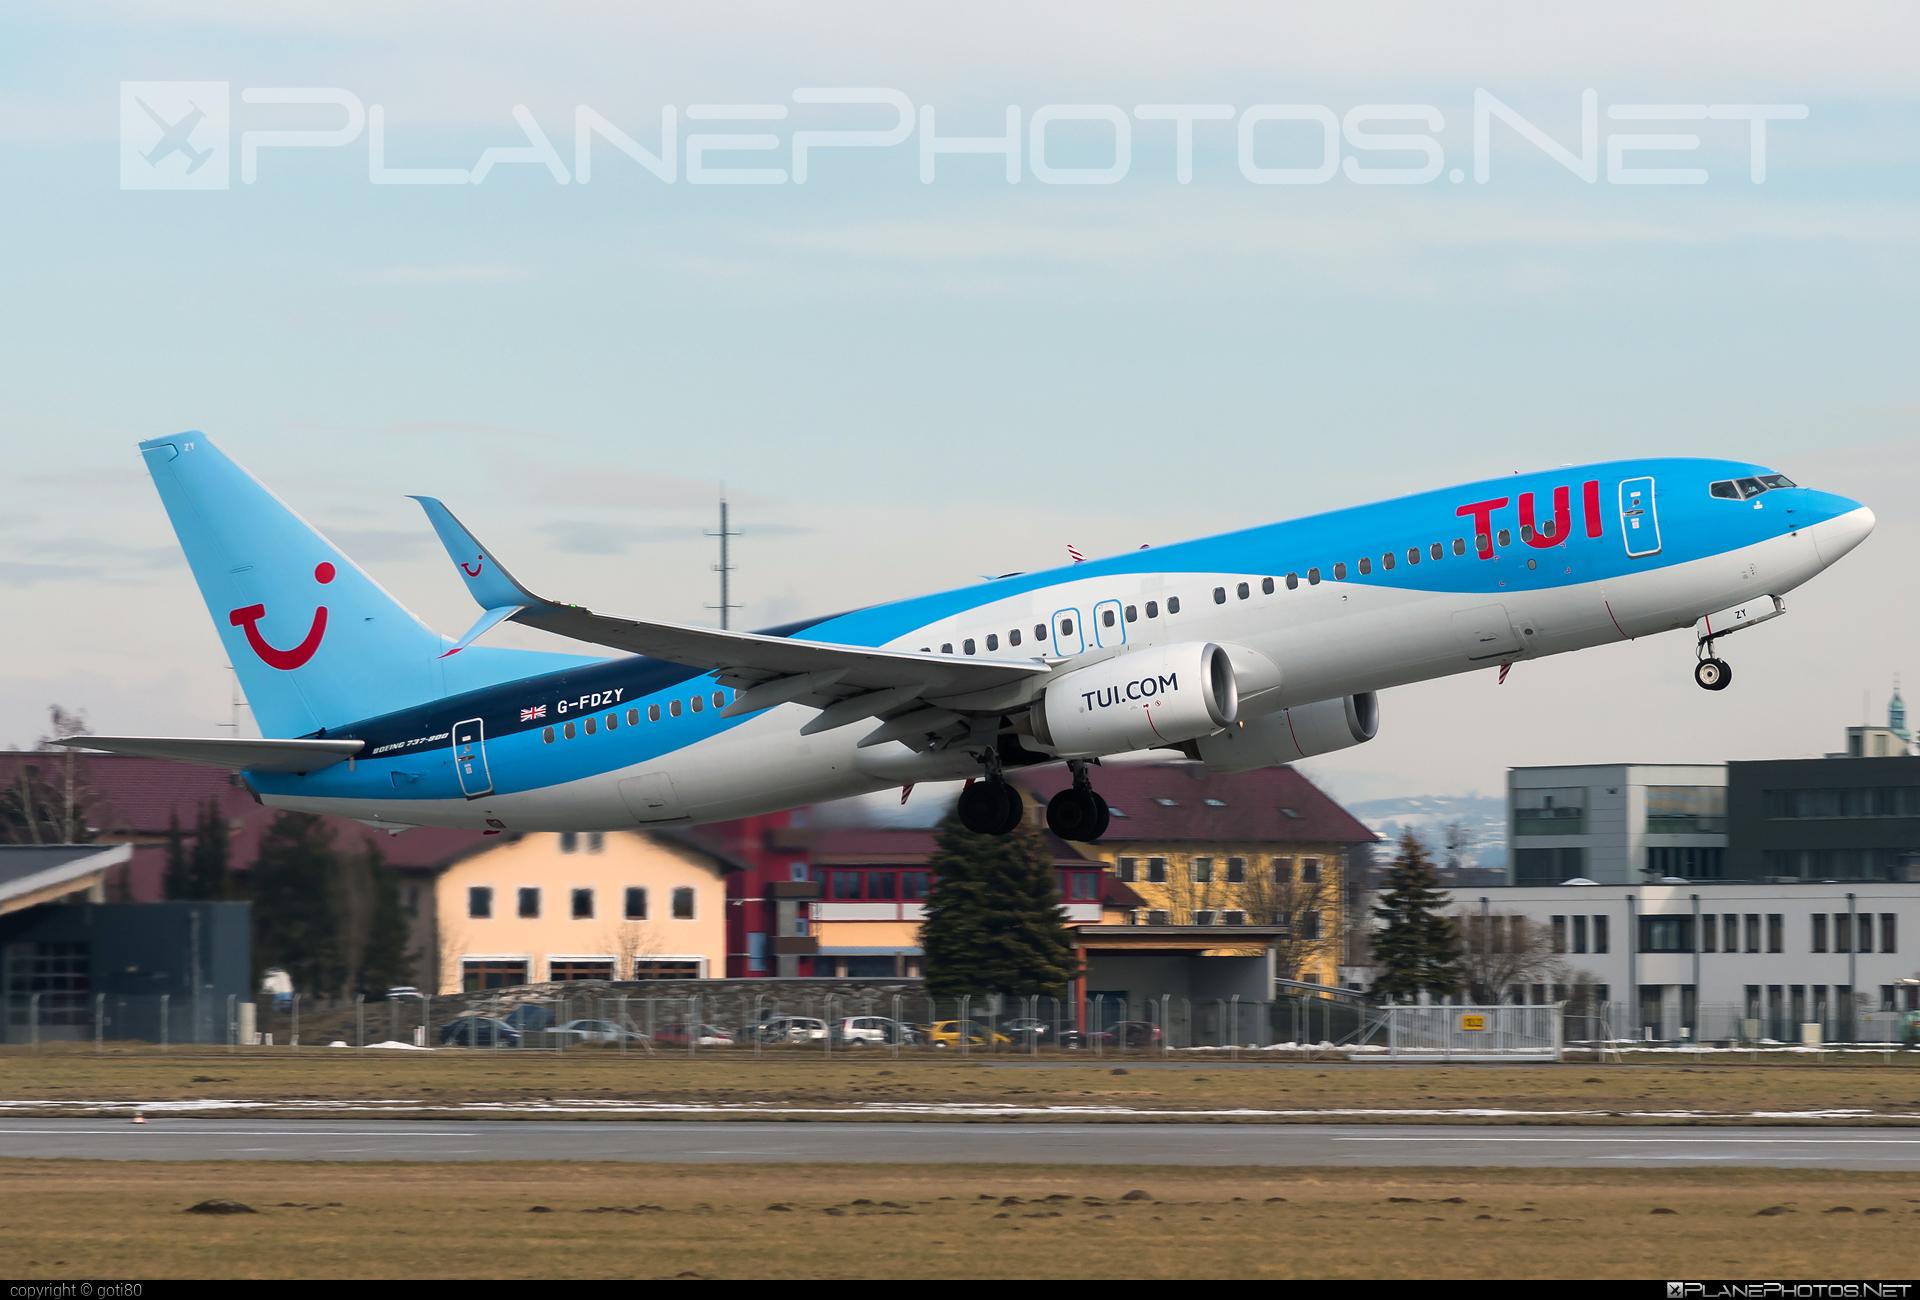 Boeing 737-800 - G-FDZY operated by TUIfly #b737 #b737nextgen #b737ng #boeing #boeing737 #tui #tuifly